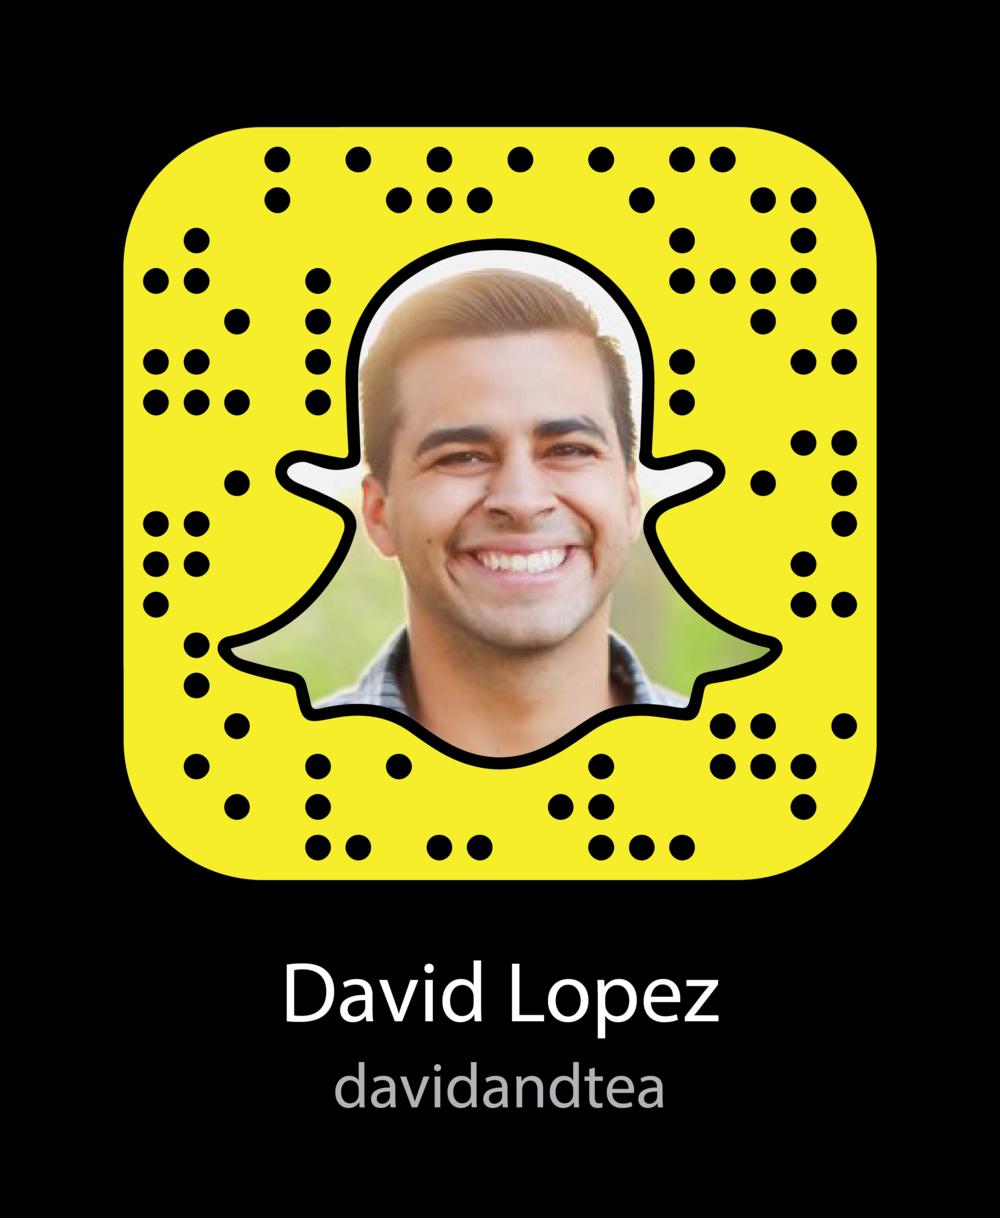 david-lopez-vine-celebrity-snapchat-snapcode